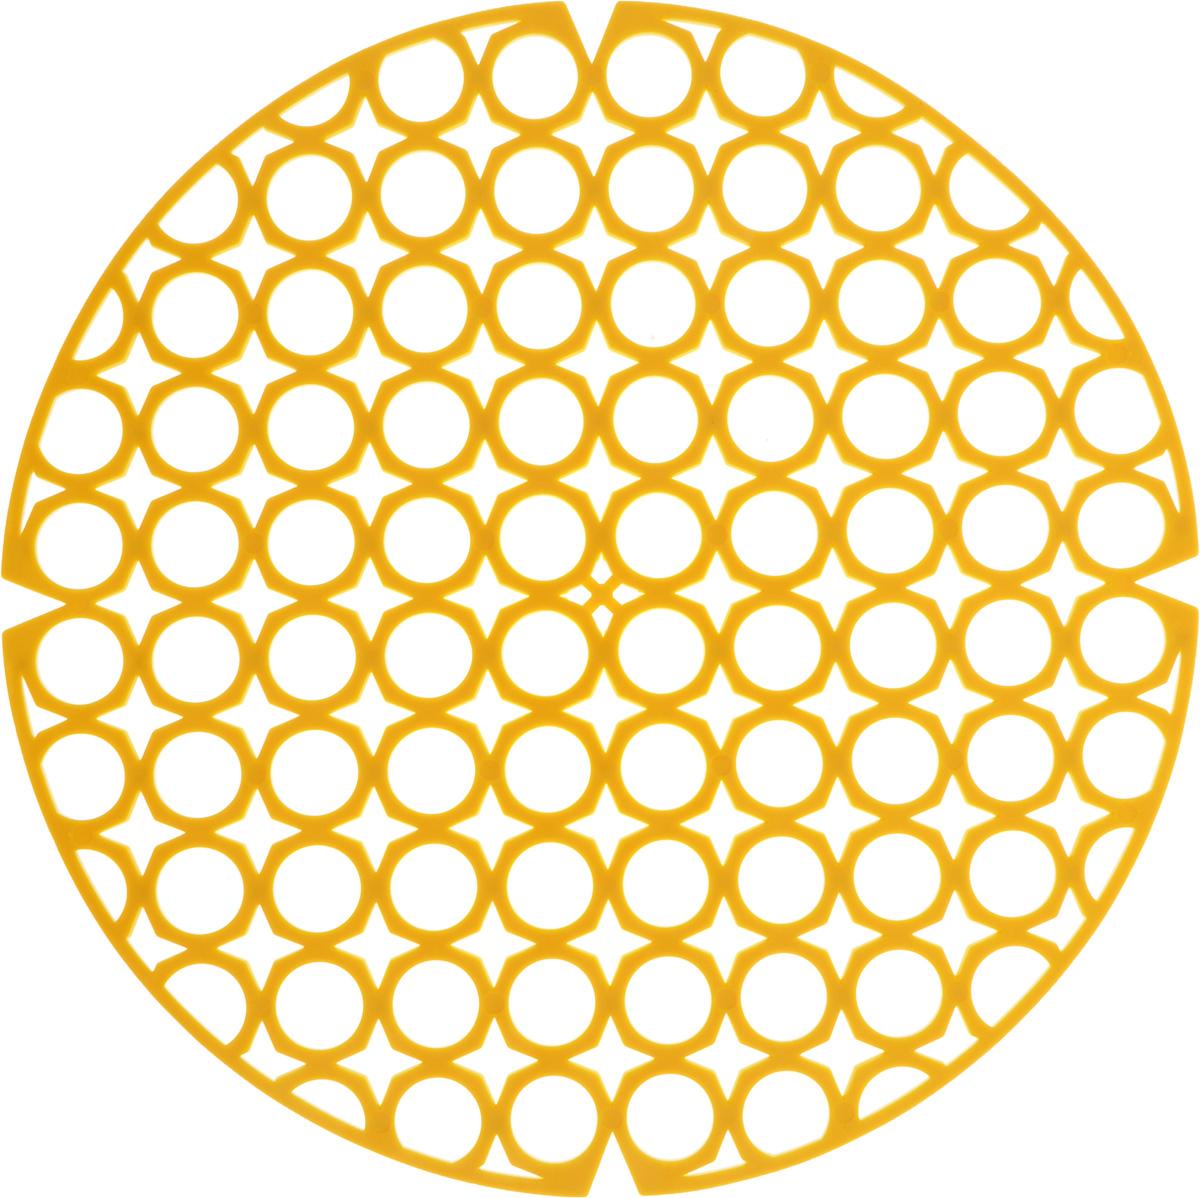 Коврик для раковины York, цвет: желтый, диаметр 27,5 смTF-14AU-12Стильный и удобный коврик для раковины York изготовлен из сложных полимеров. Он одновременно выполняет несколько функций: украшает, защищает мойку от царапин и сколов, смягчает удары при падении посуды в мойку. Коврик также можно использовать для сушки посуды, фруктов и овощей. Он легко очищается отгрязи и жира.Диаметр: 27,5 см.